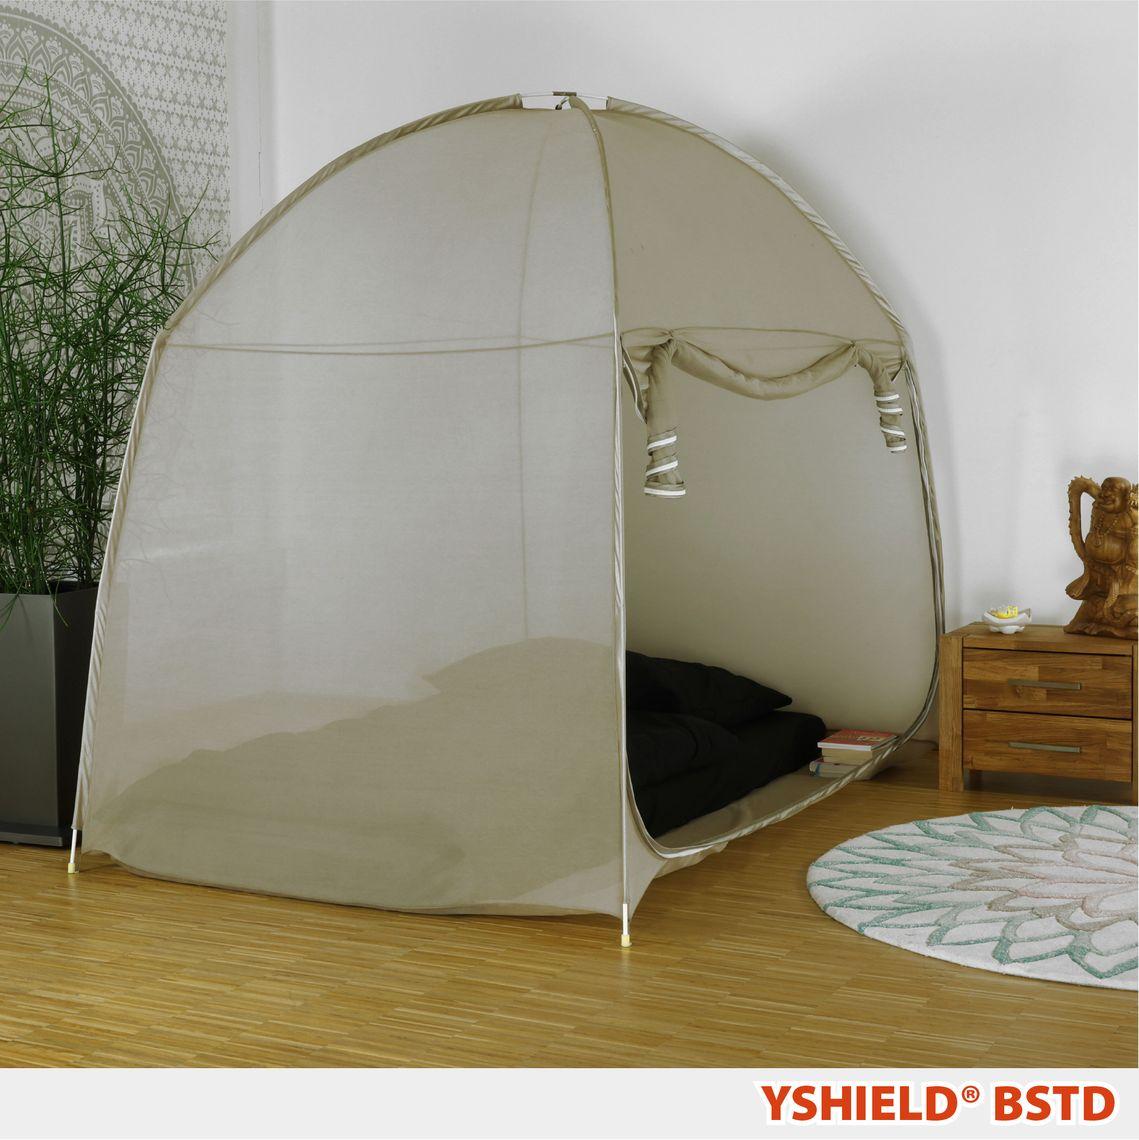 YSHIELD® BSTD | SAFECAVE Shielding tent | Size DOUBLE